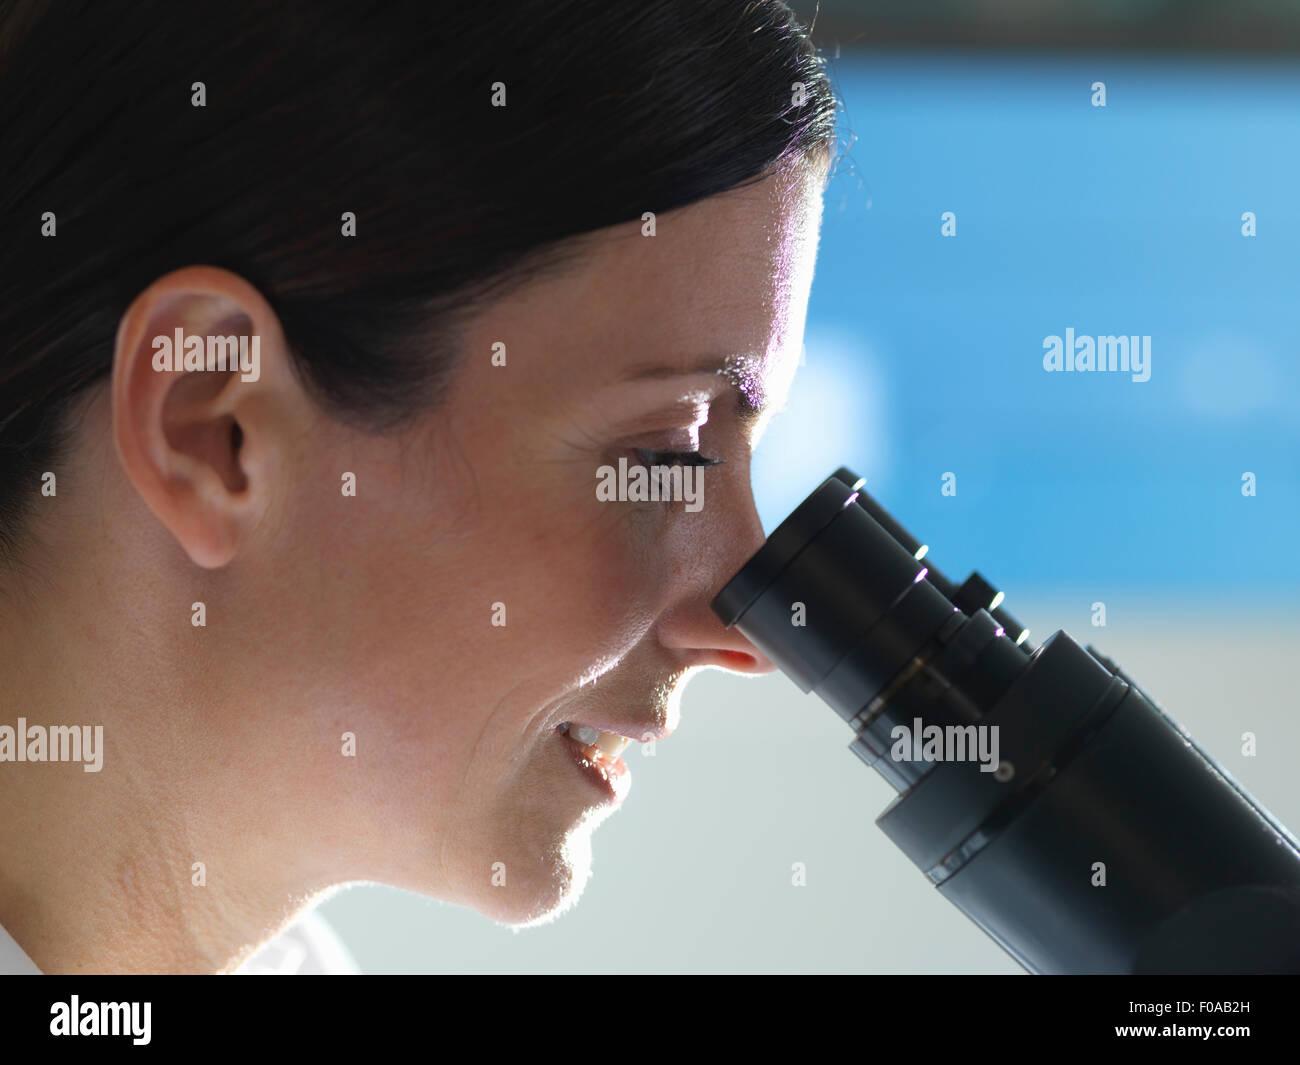 Wissenschaftler betrachten Kulturen unter umgekehrtes Mikroskop für medizinische und pharmazeutische Forschung Stockbild